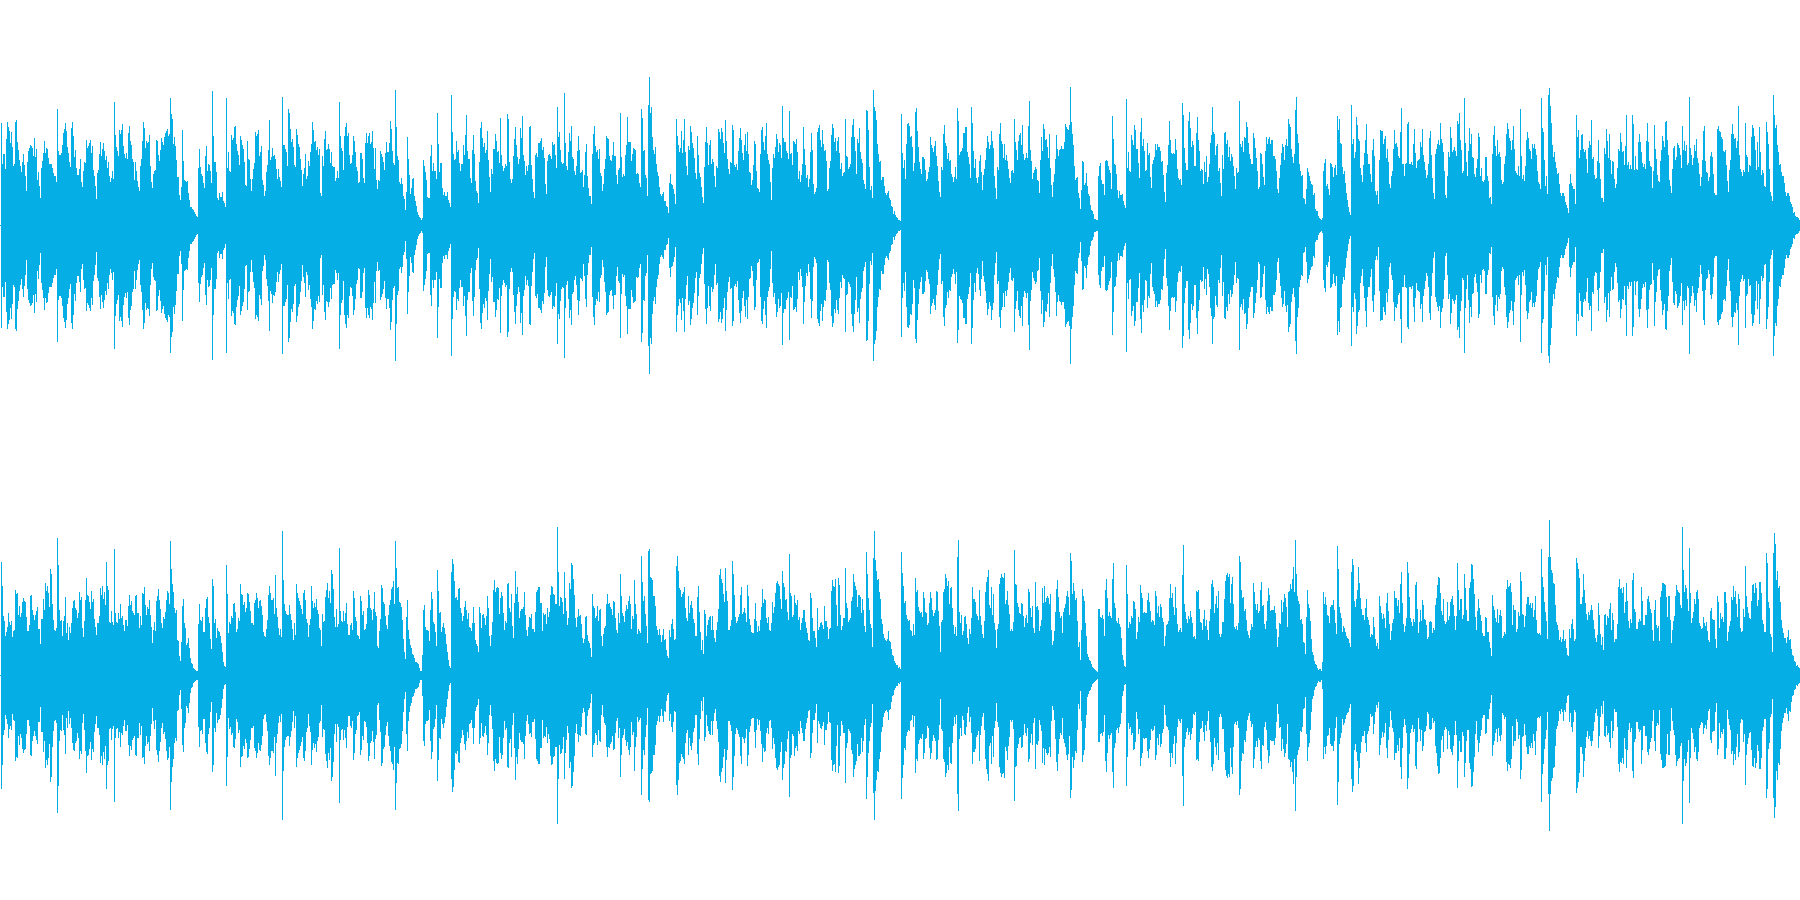 アニメ風日常・ほのぼのシーン向けBGMの再生済みの波形